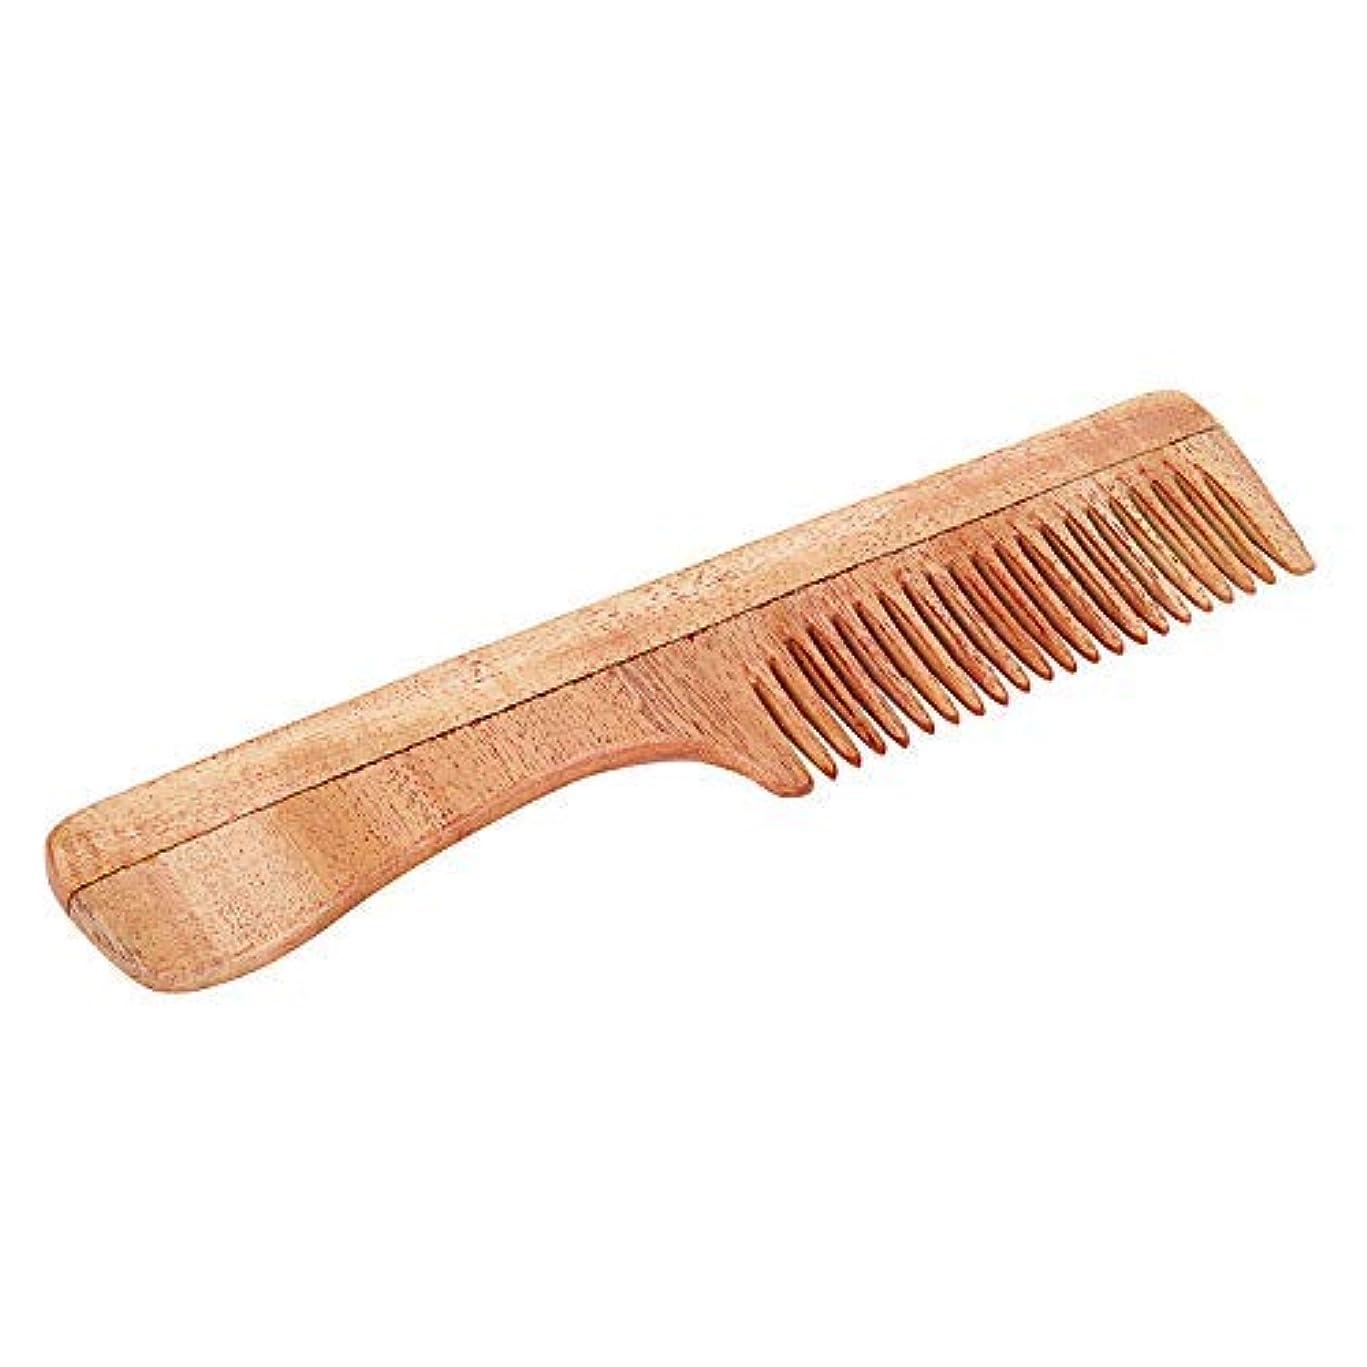 バタフライクリップ開発するSVATV Handcrafted Neem Wood Comb with Handle N-73 (7